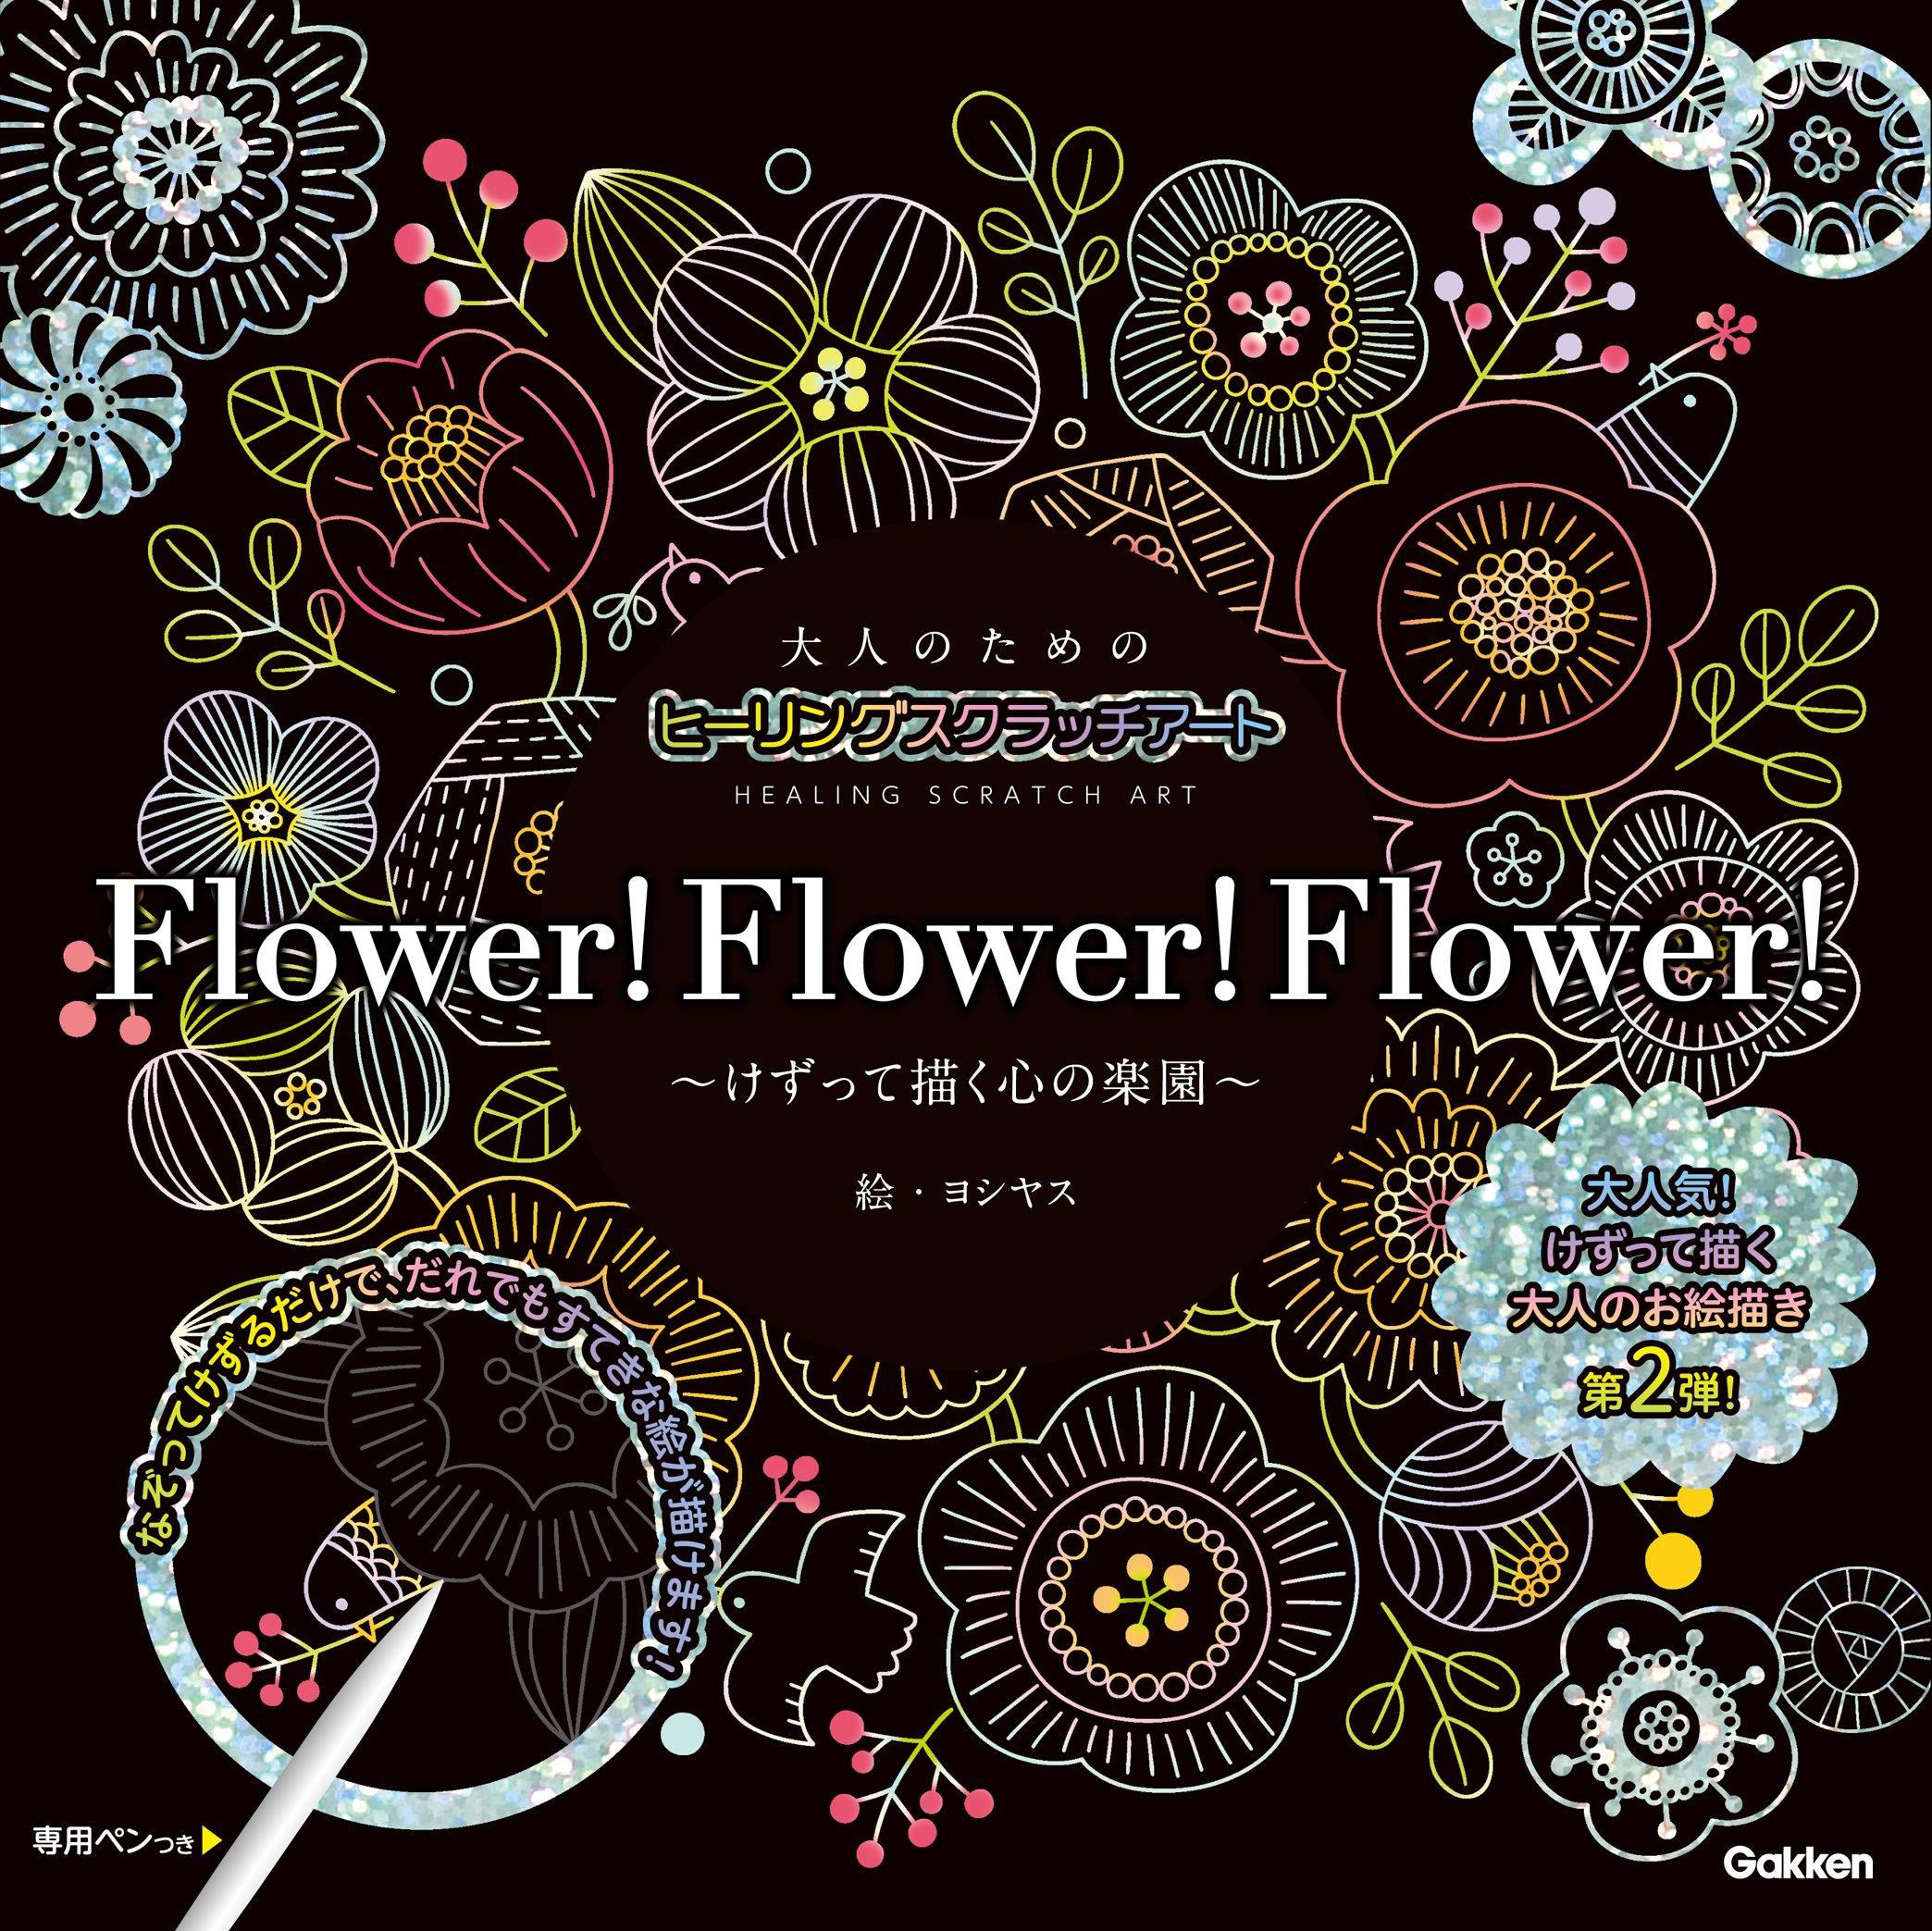 大人のためのヒーリングスクラッチアート Flower! Flower! Flower!